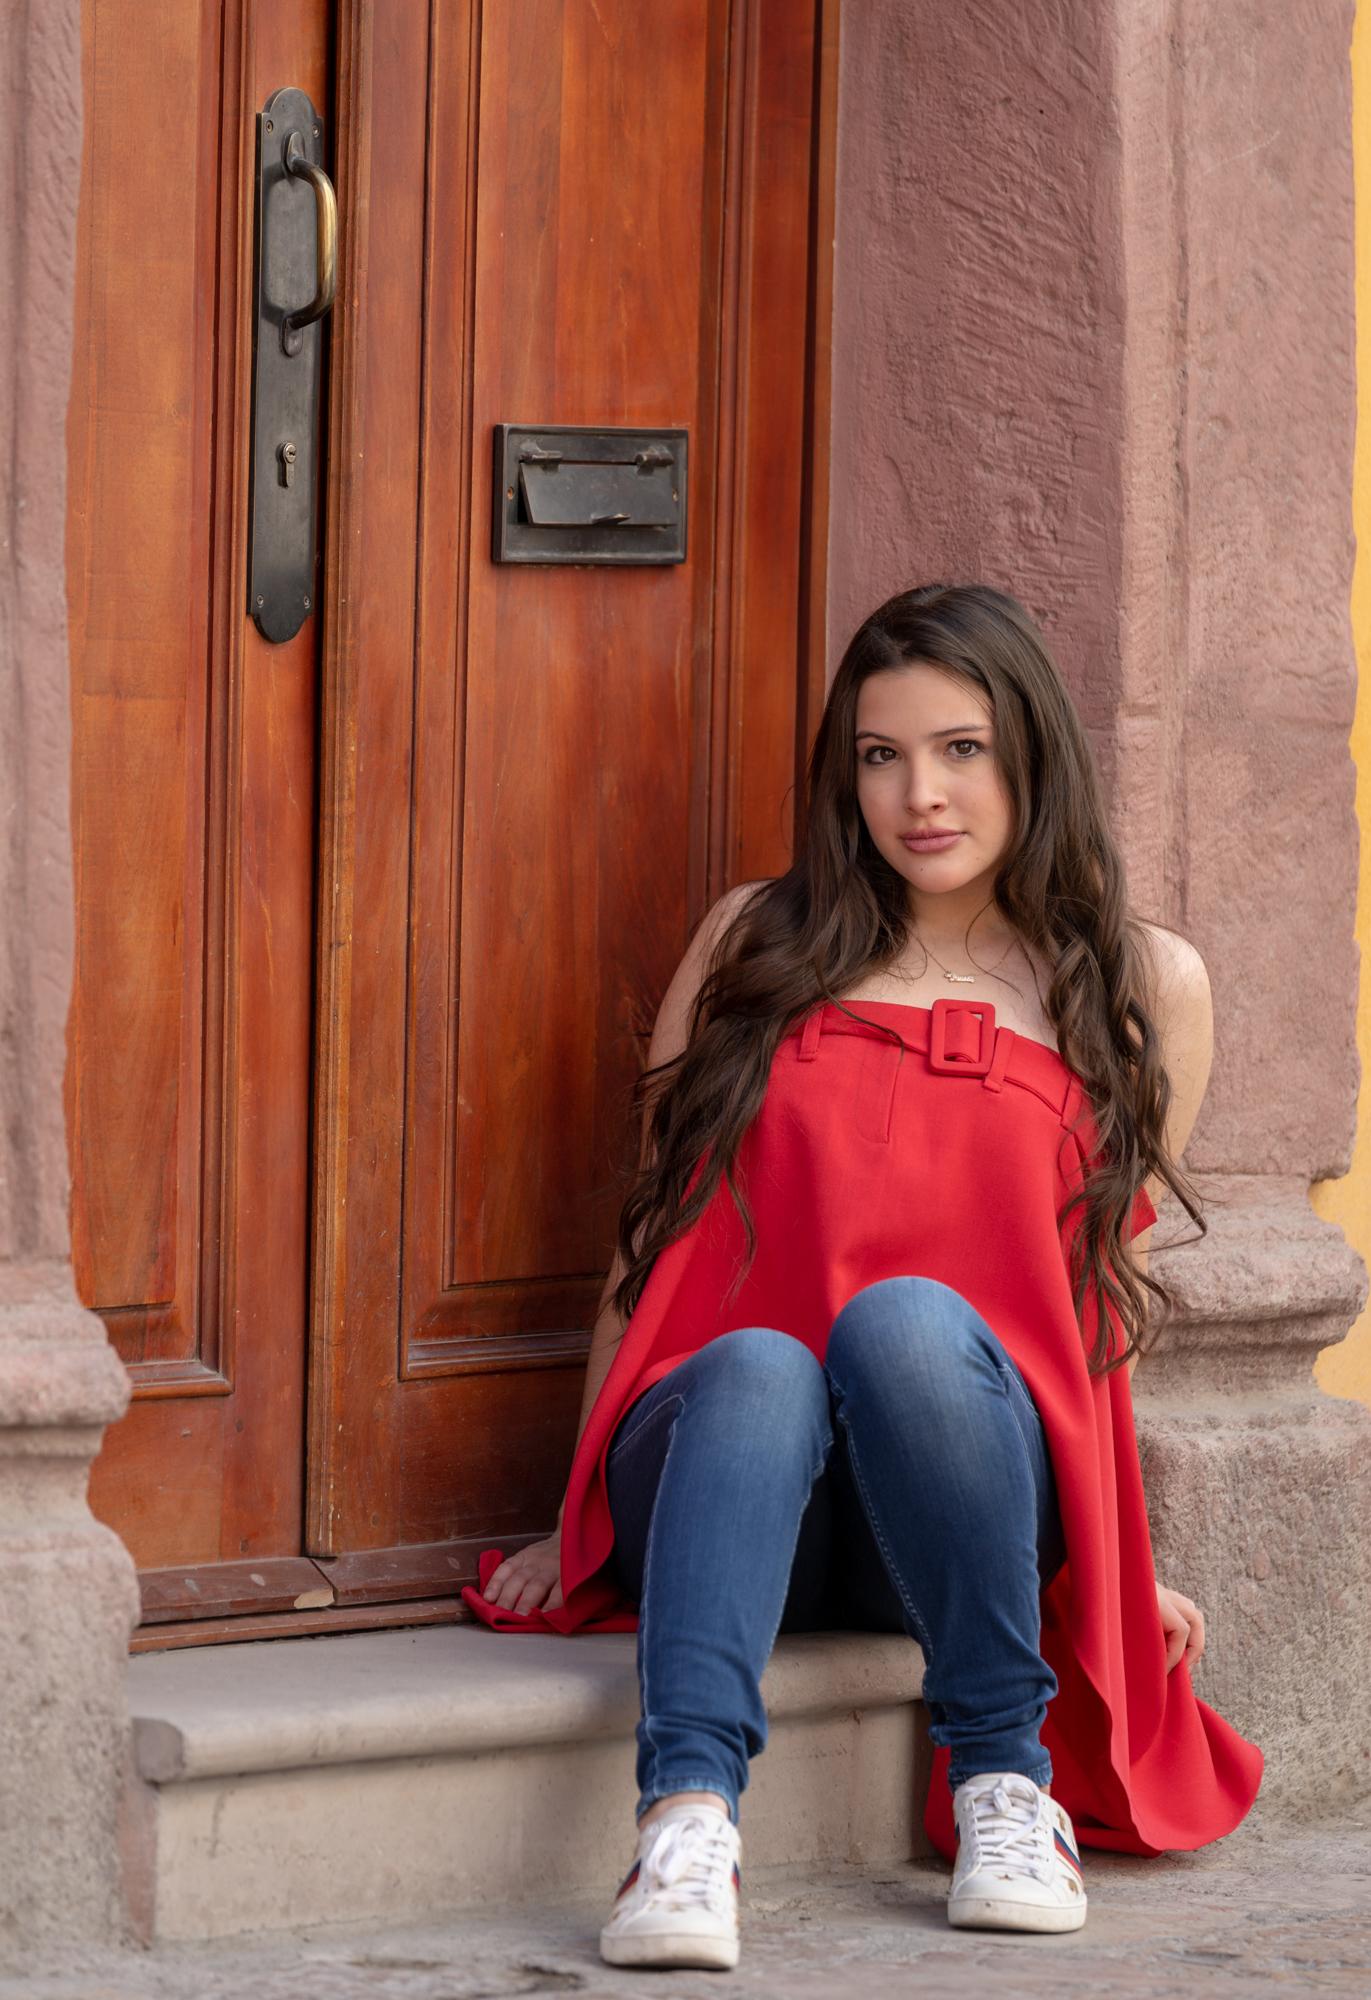 Sesion de Fotos en San Miguel de Allende con Rogelio y su Fmailia-19.jpg